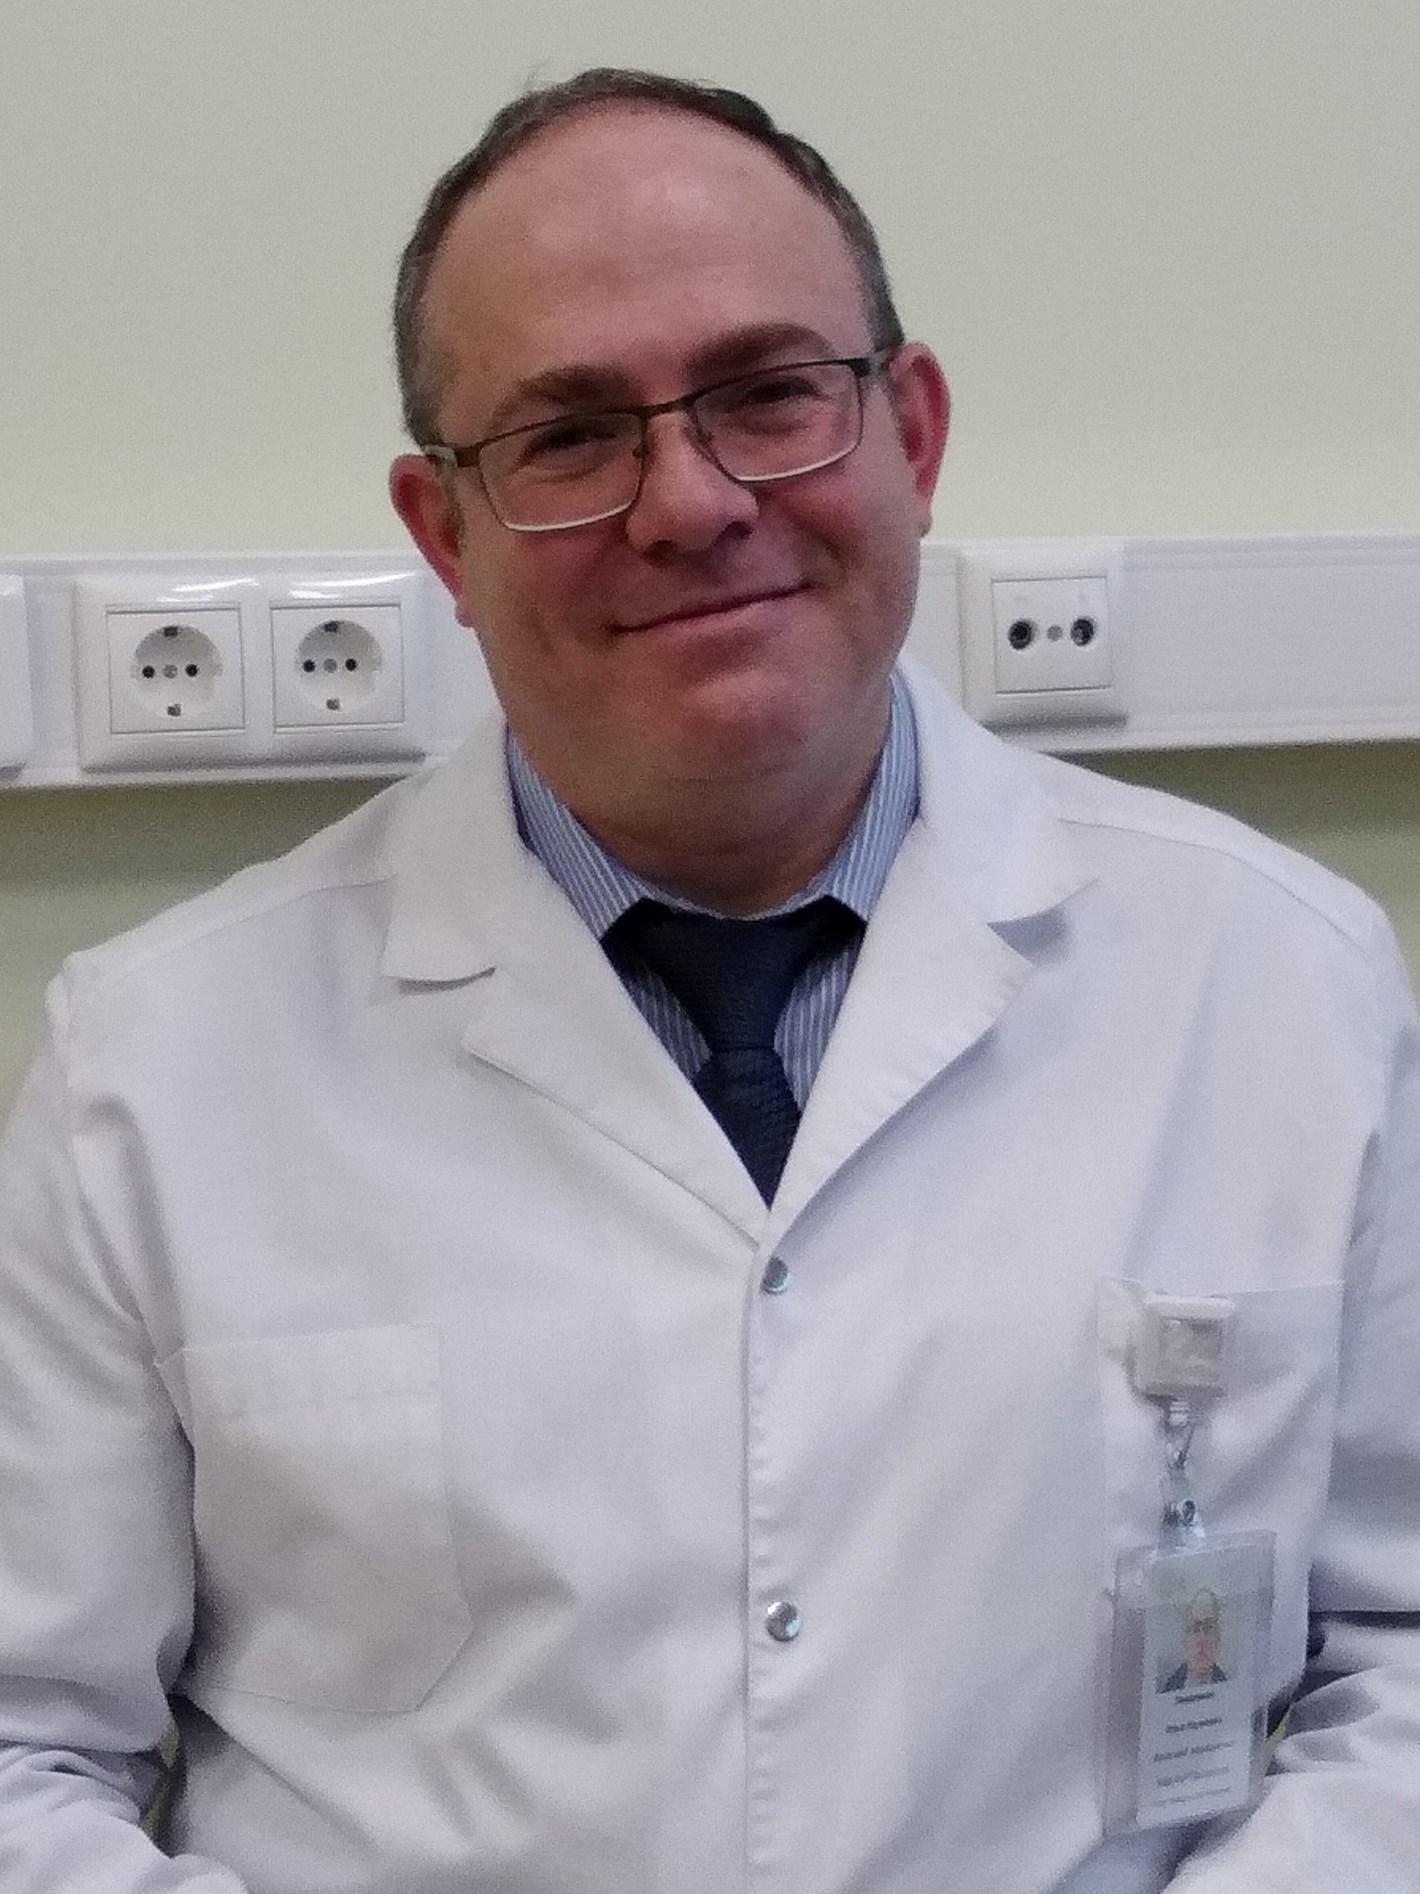 Лейдерман Илья Наумович, кафедра анестезиологии и реаниматологии